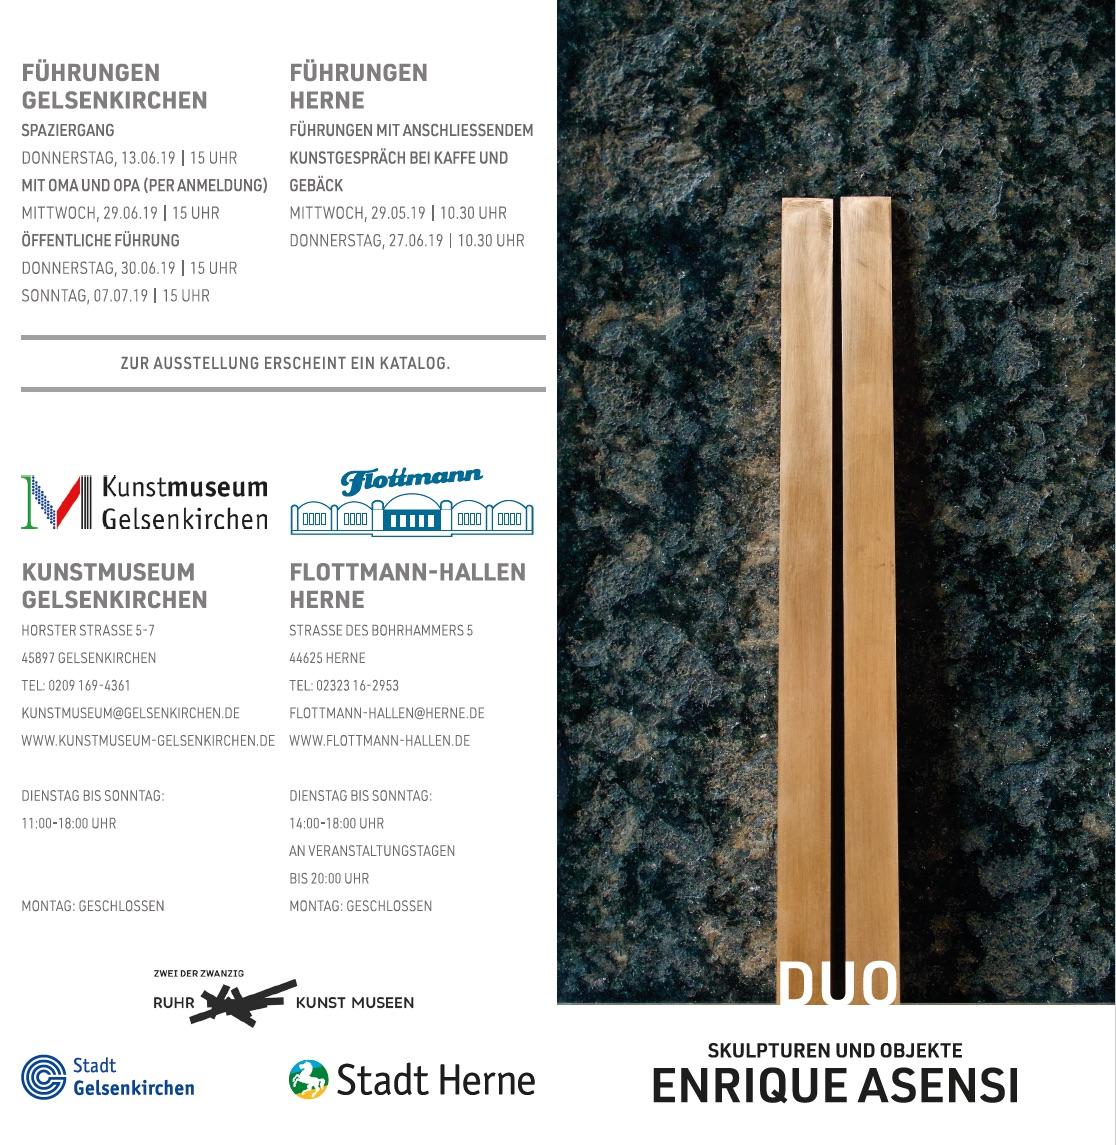 Einladung_Asensi_GE_Herne_digital_2019.jpg